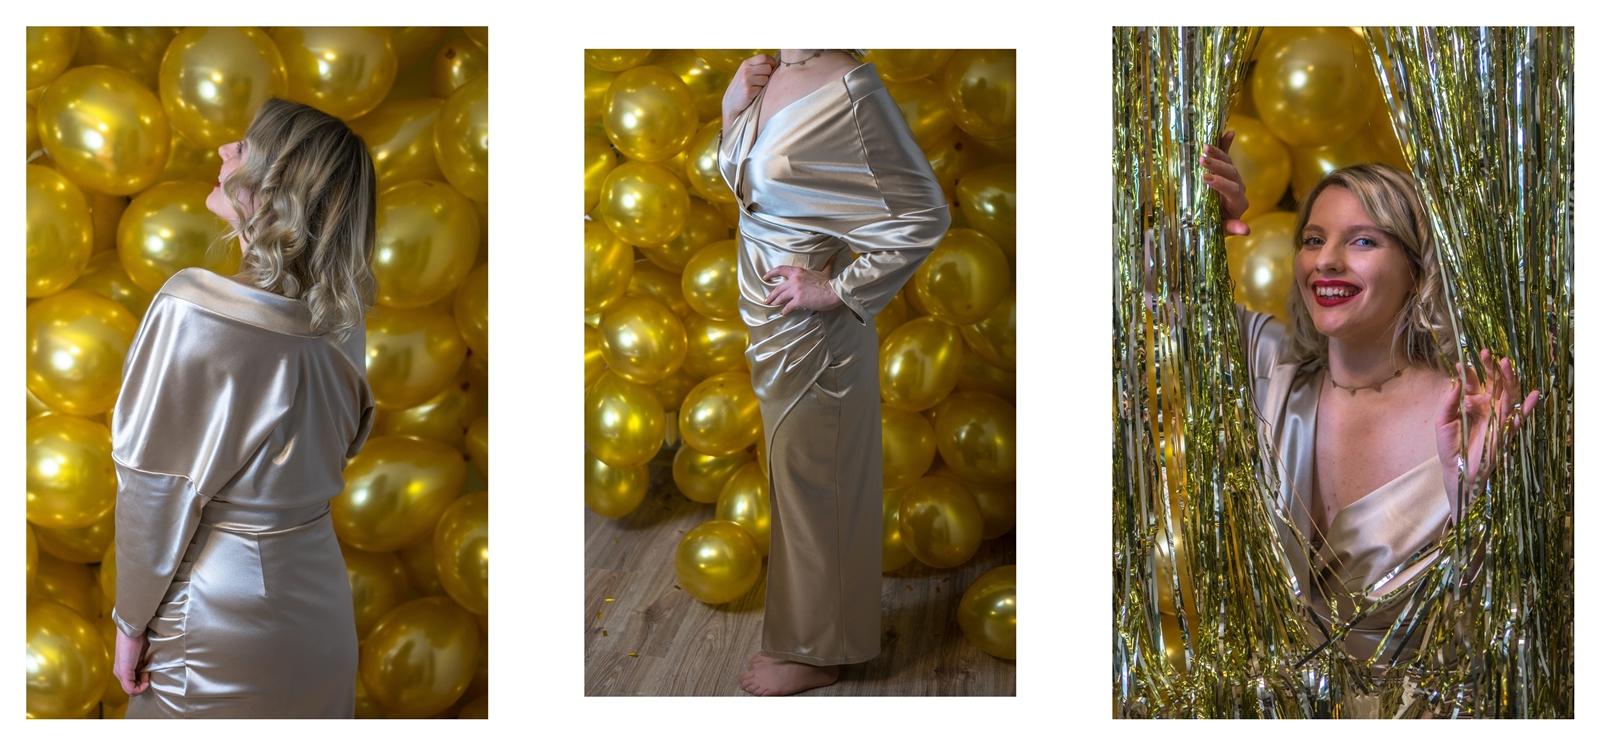 10a sylwestrowe dekoracje na domówkę jak zrobić sylwestrowe dekoracje czapeczki balony girlandy stylowe z cekinami gdzie kupić balony kurtynę w drzwi